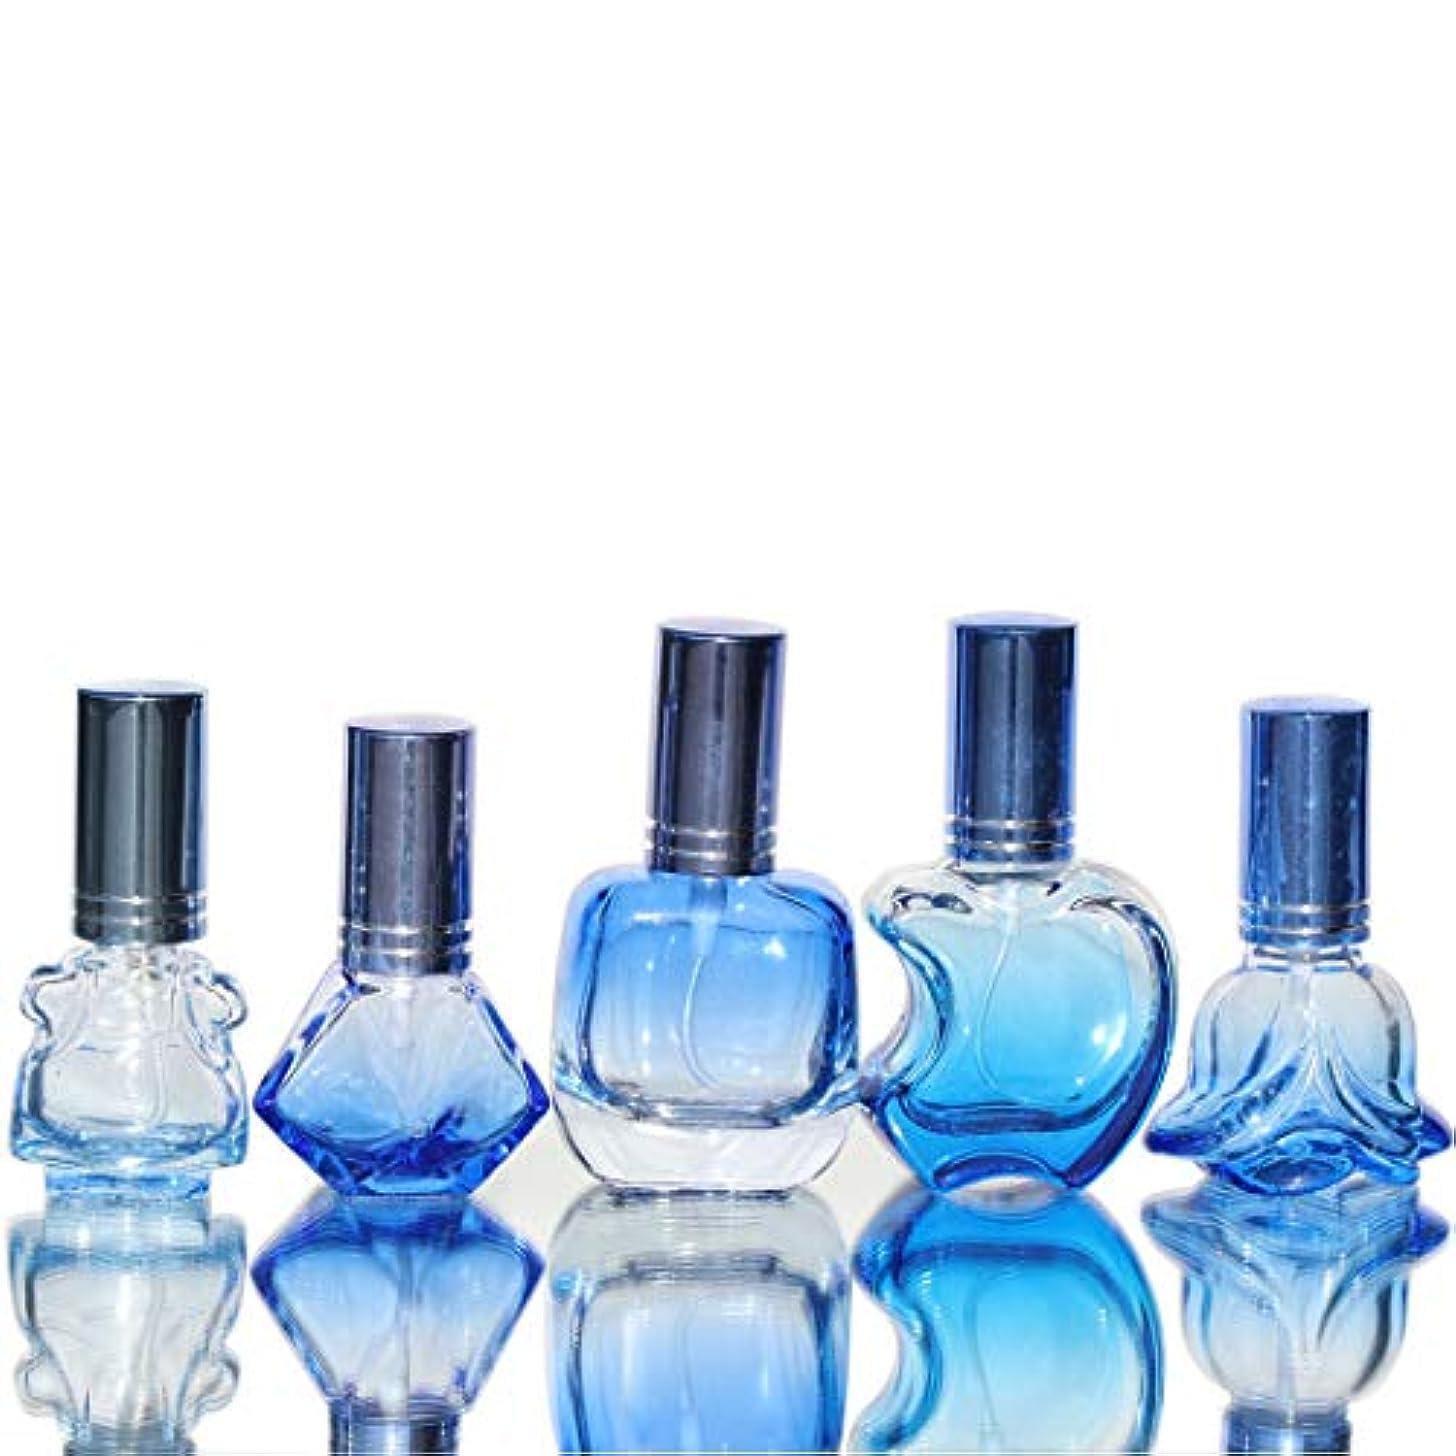 百年消費者疲労Waltz&F カラフル ガラス製香水瓶 フレグランスボトル 詰替用瓶 空き アトマイザー 分け瓶 旅行用品 化粧水用瓶